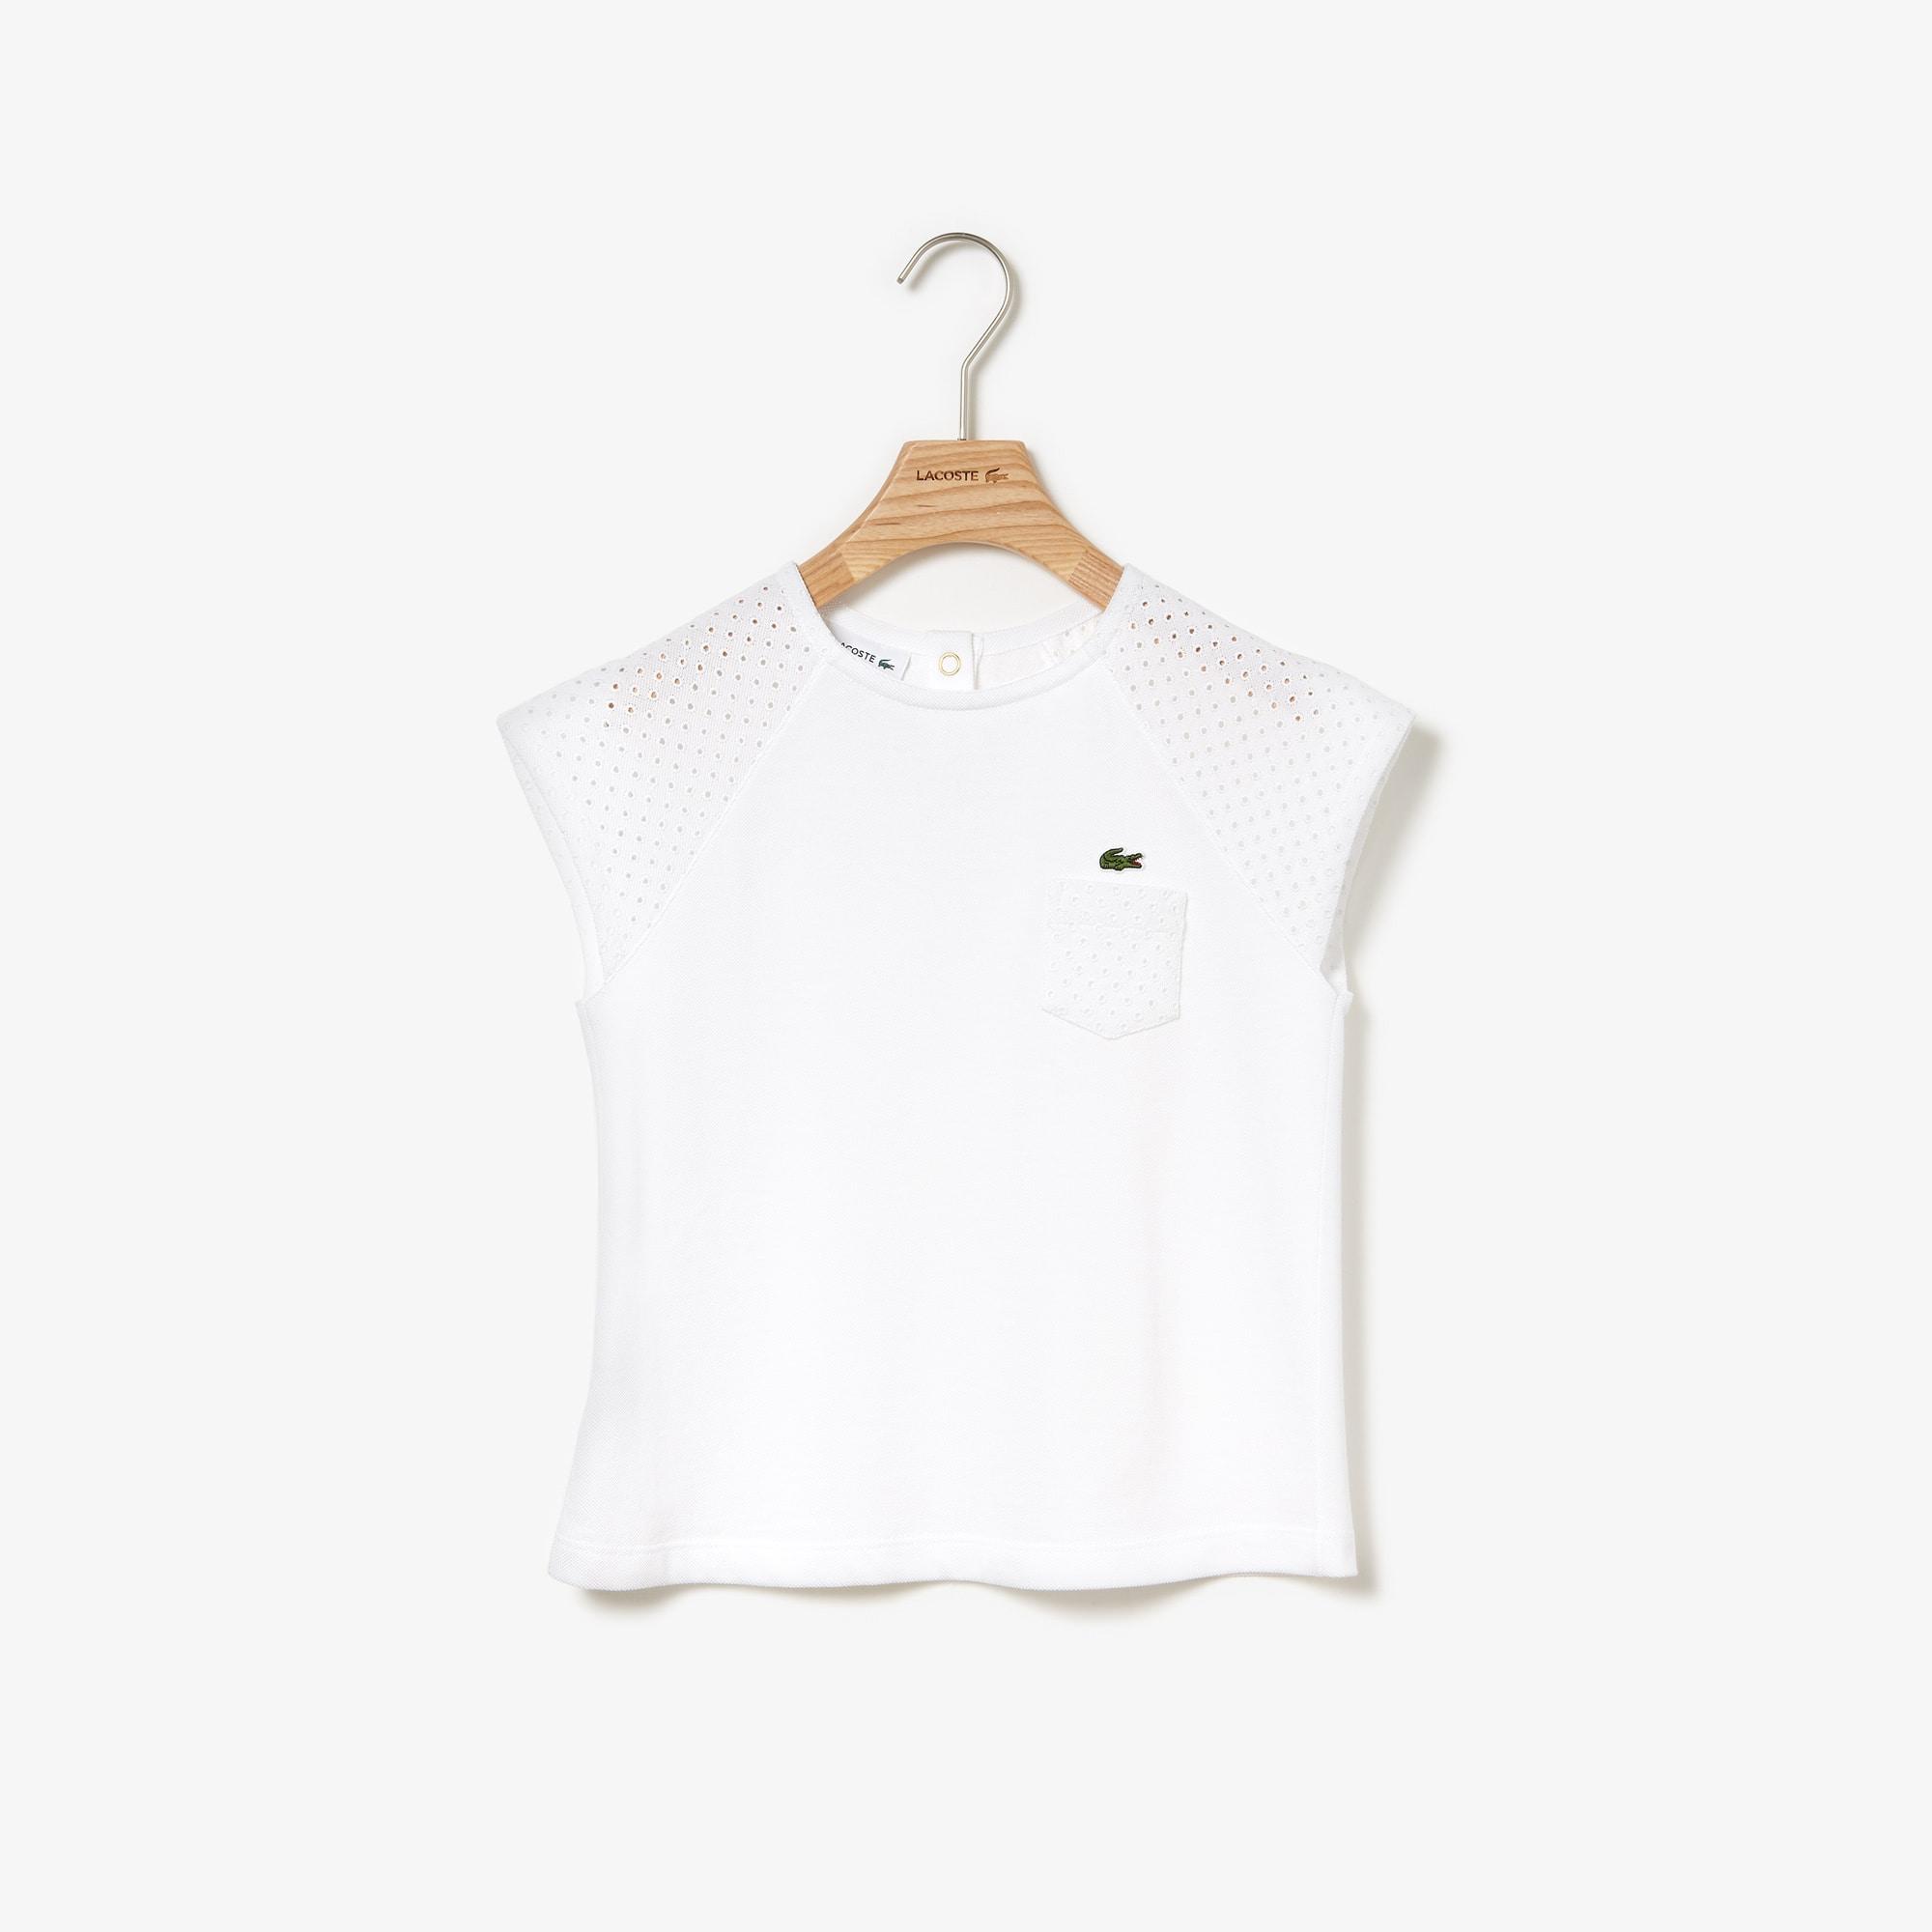 Girls' Crew Neck Jersey T-shirt